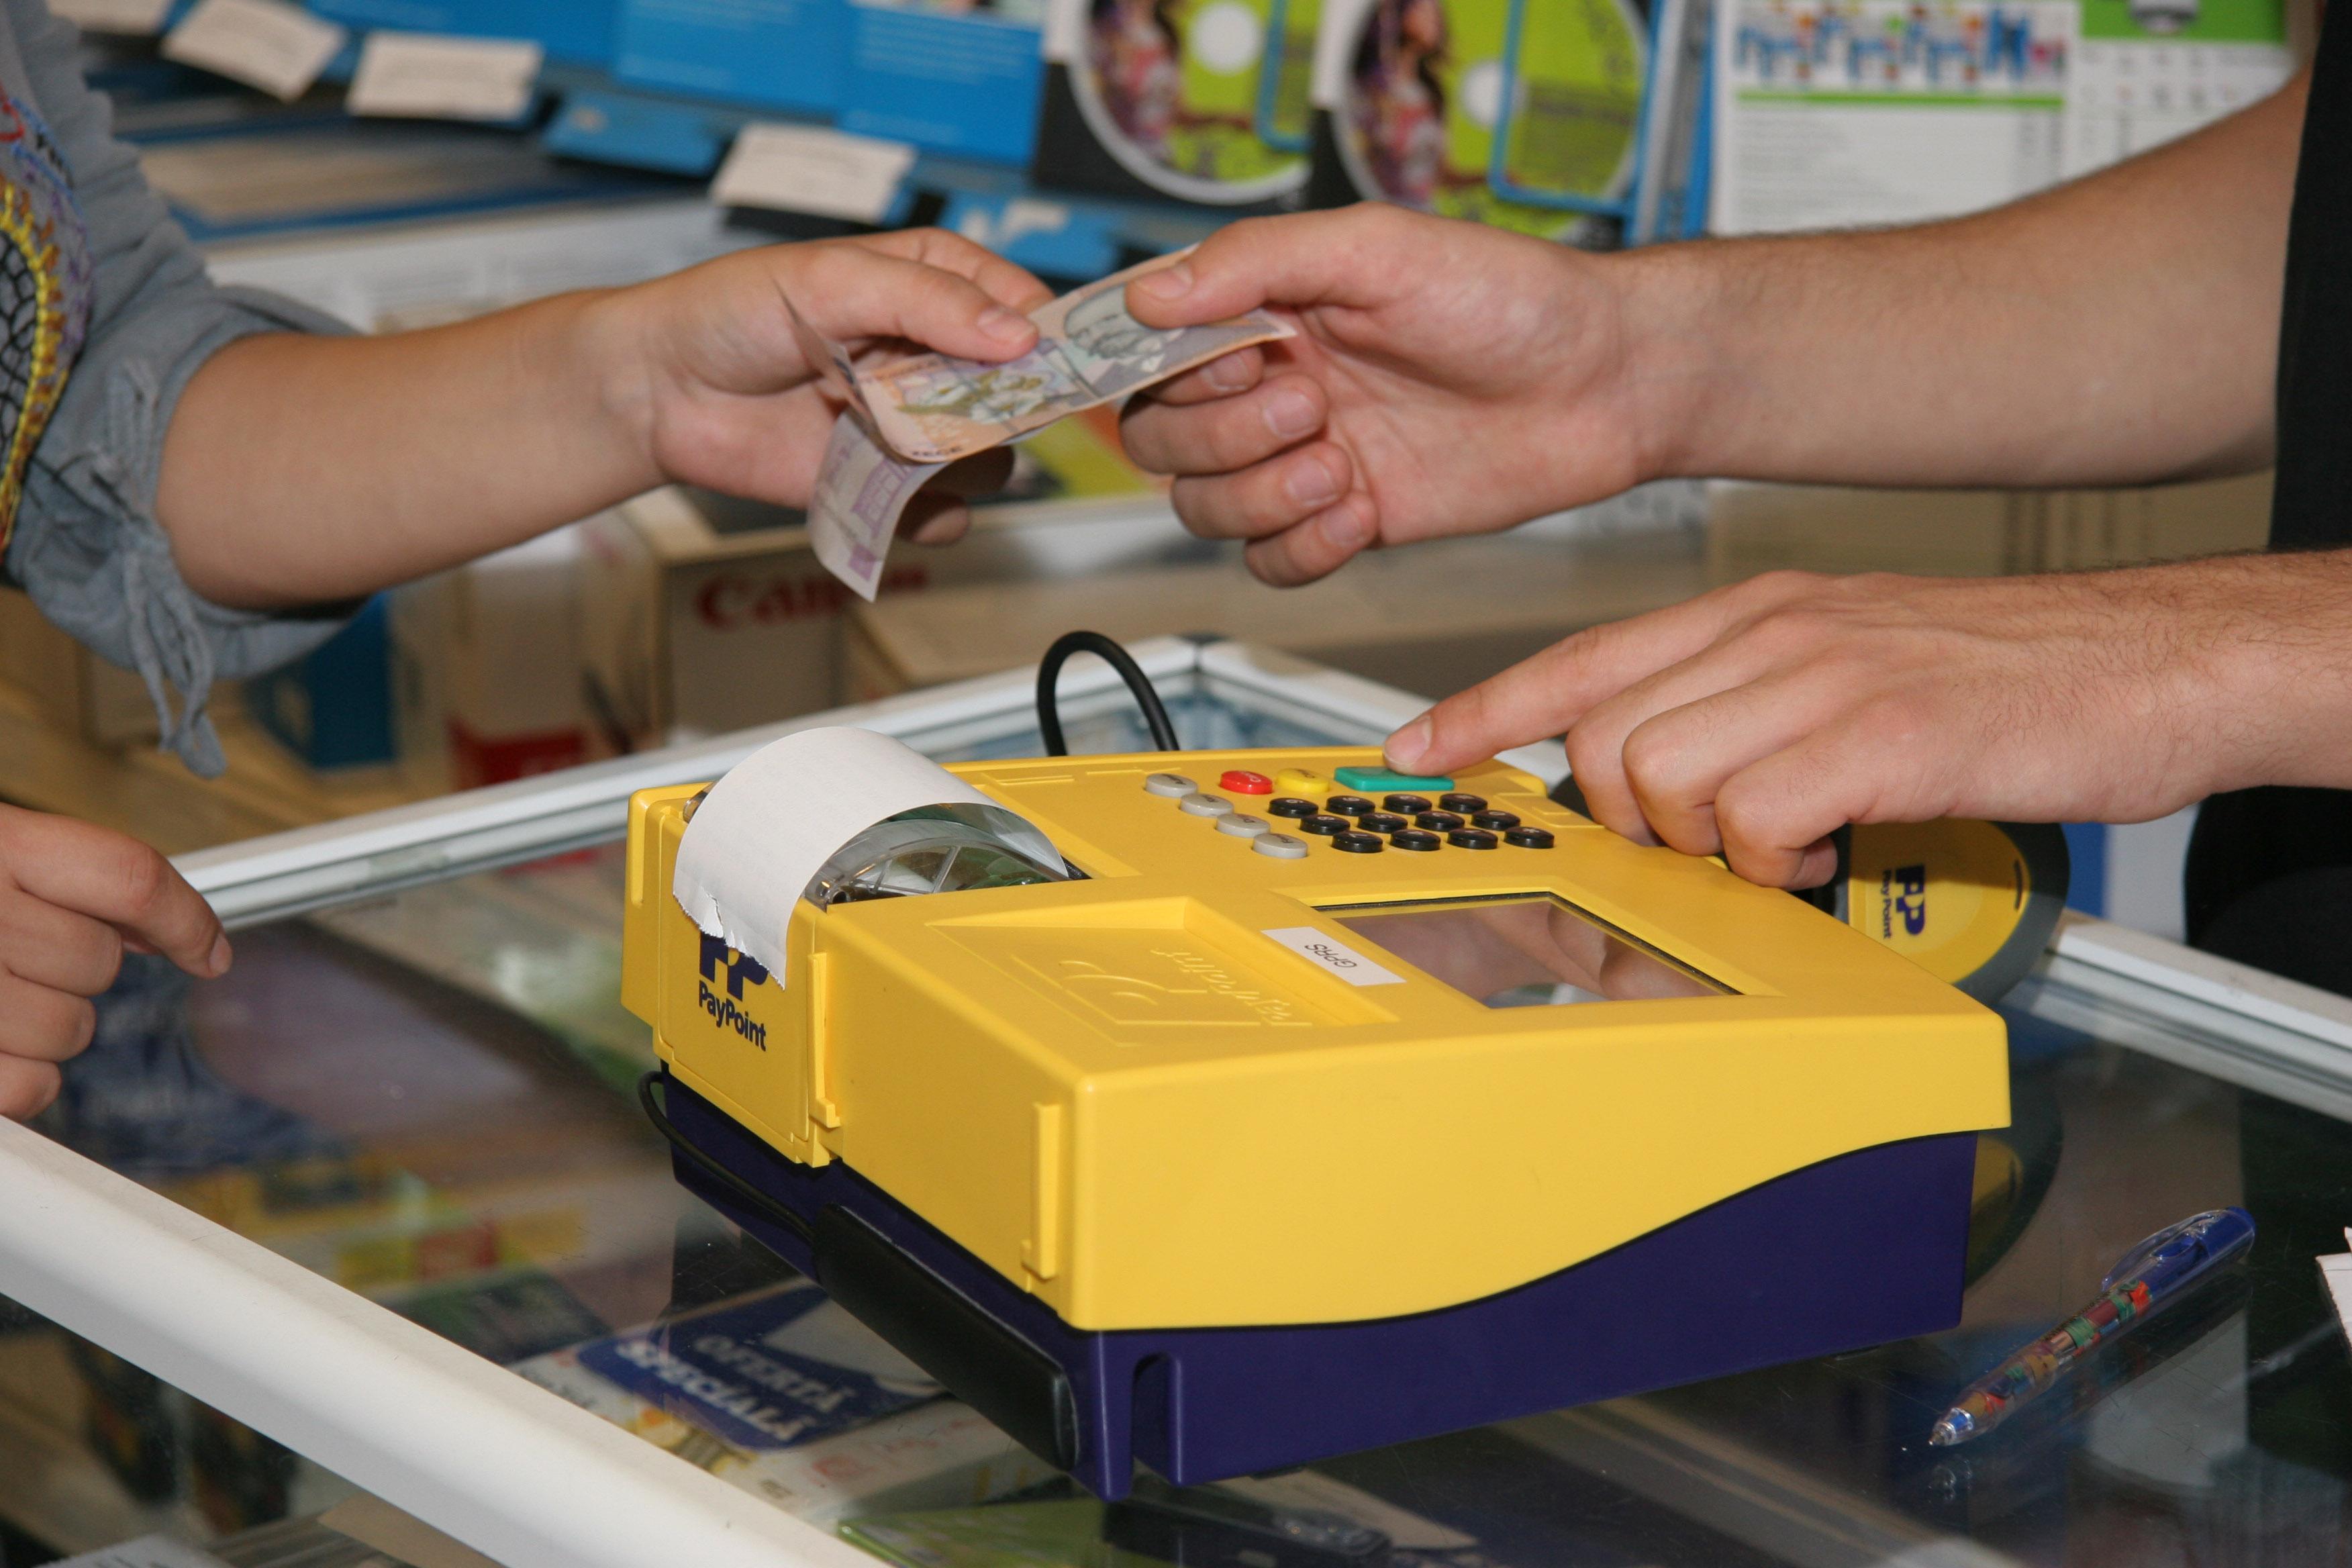 PayPoint și-a crescut cu 44% numărul de tranzacții în prima jumătate a anului financiar 2018-2019